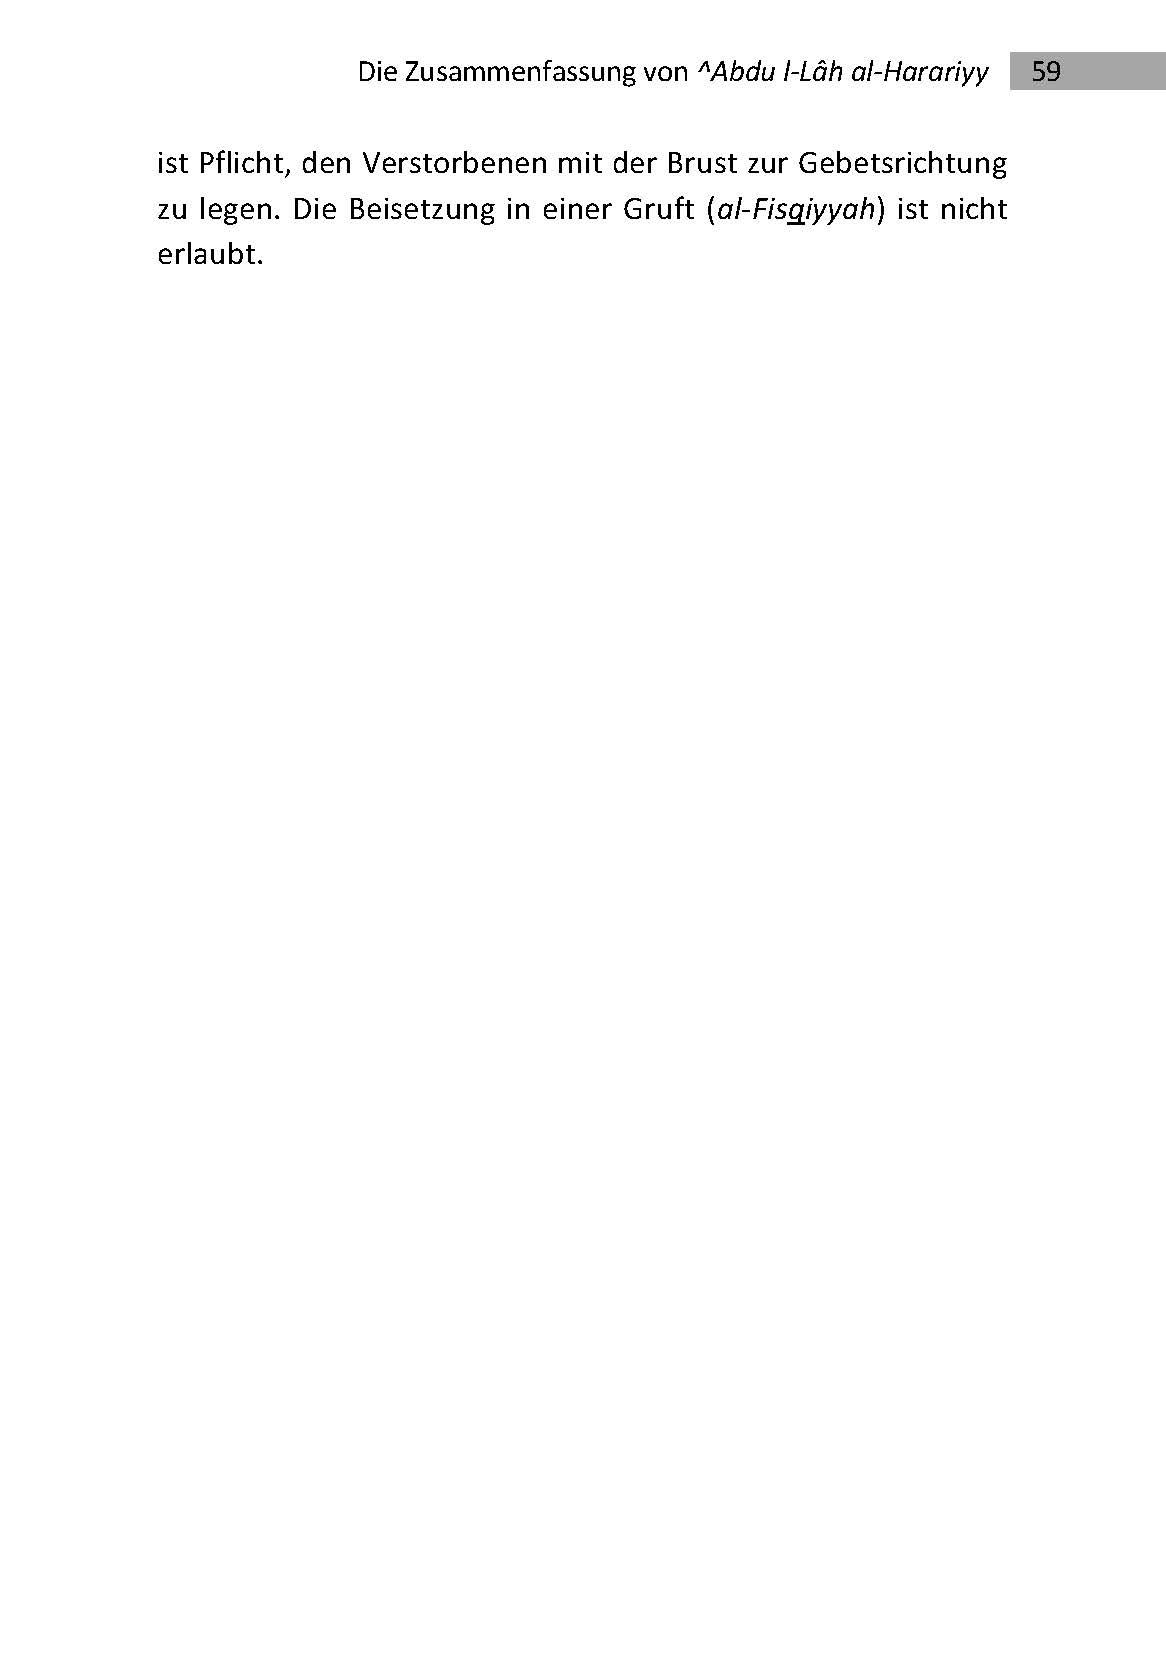 Die Zusammenfassung - 3. Auflage 2014_Seite_59